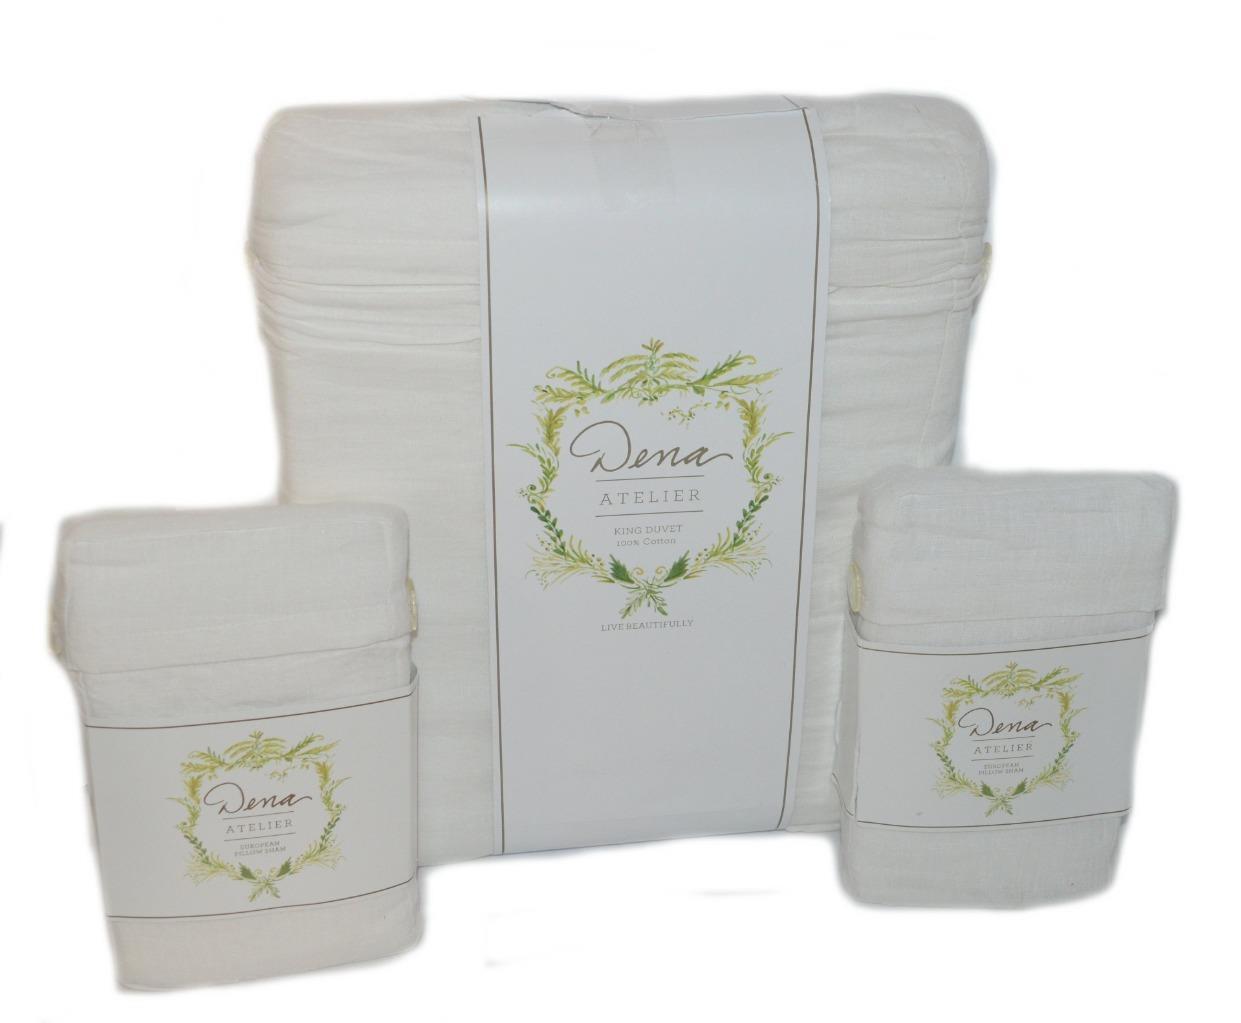 0bd185a839 DENA HOME Atelier Somerset White Linen 3P KING DUVET COVER SHAMS SET NEW  for sale online